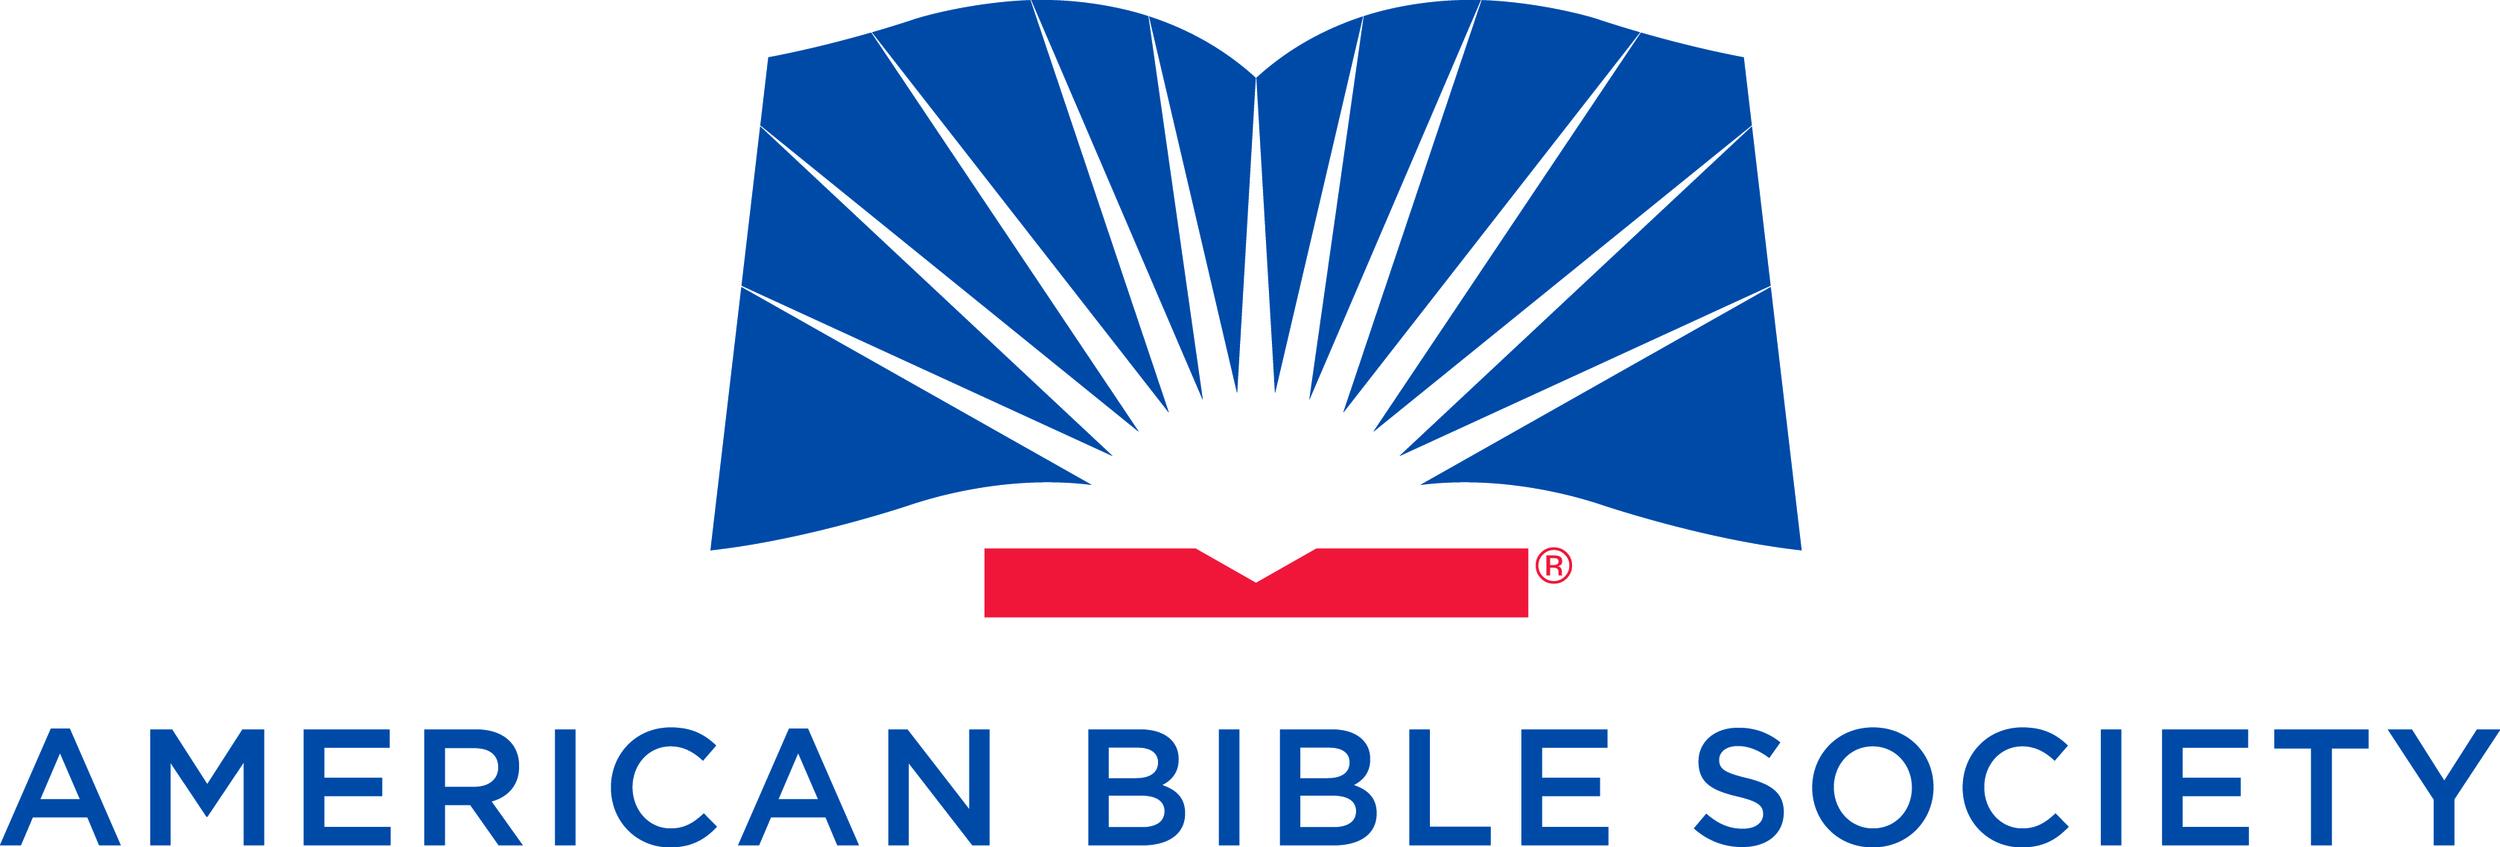 ABS_Logo_Centered.jpg